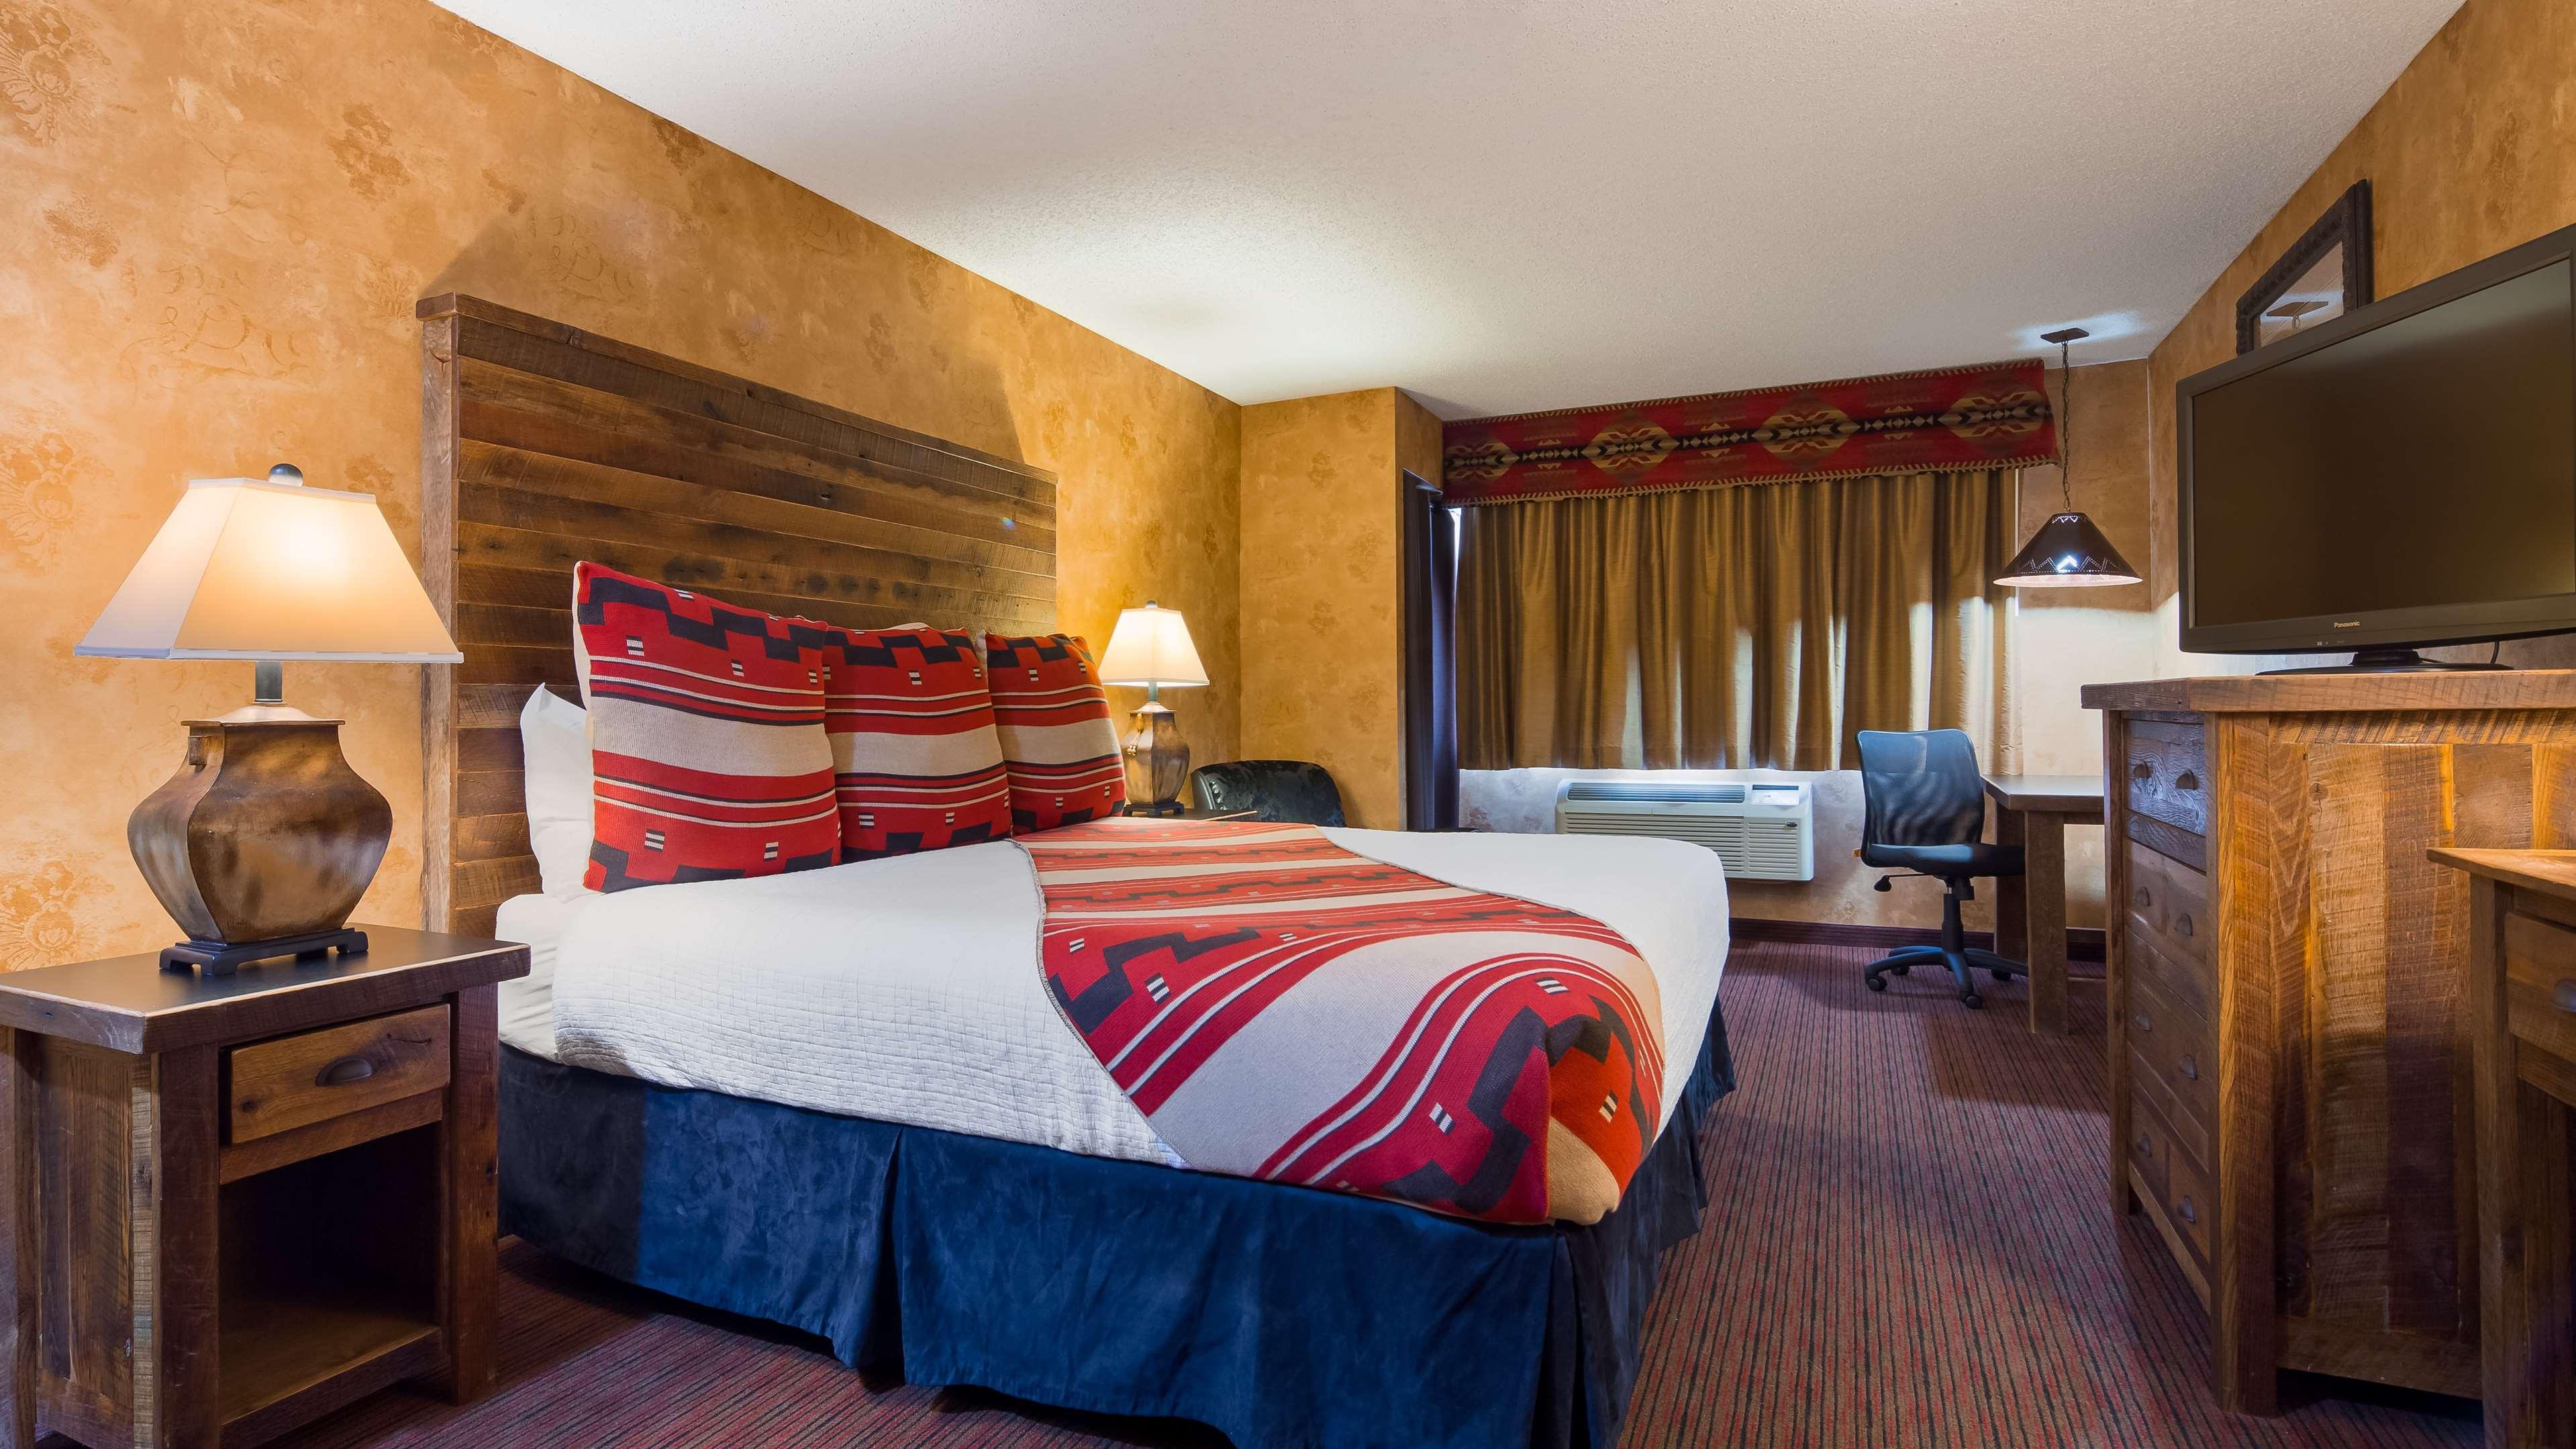 Best Western Plus Inn of Santa Fe image 7